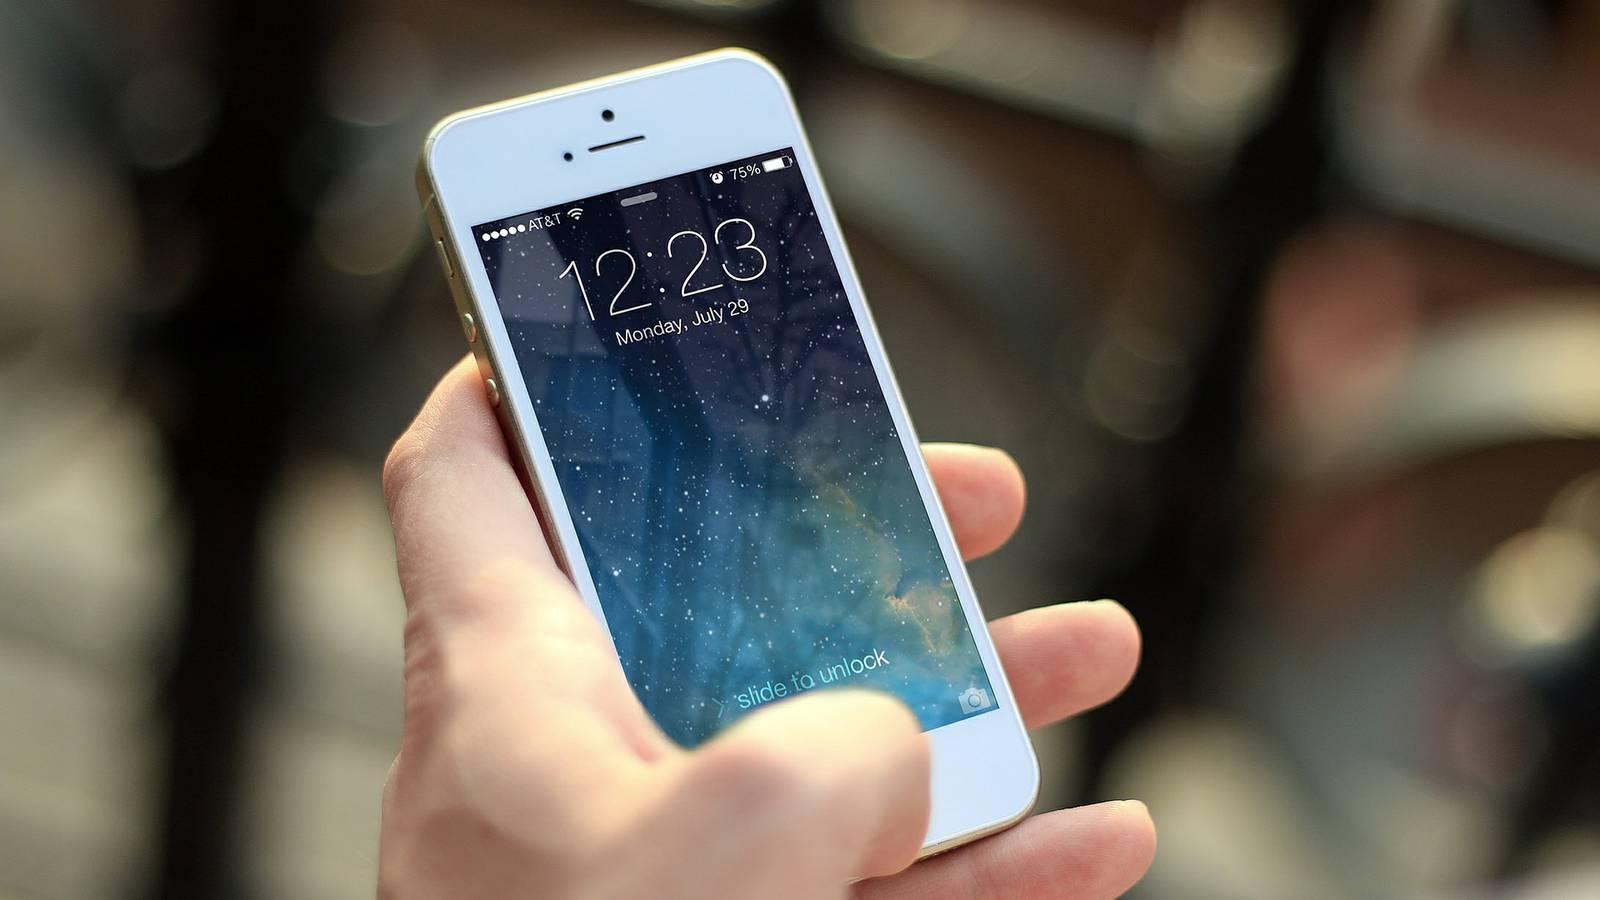 Platz 1: Erstaunlich aber wahr. Obwohl die meisten Urlauber ihr Handy kaum aus den Augen lassen, ist das Smartphone auf Platz 1 der am meisten vergessenen Gegenstände in Hotelzimmern. (© Pixabay)